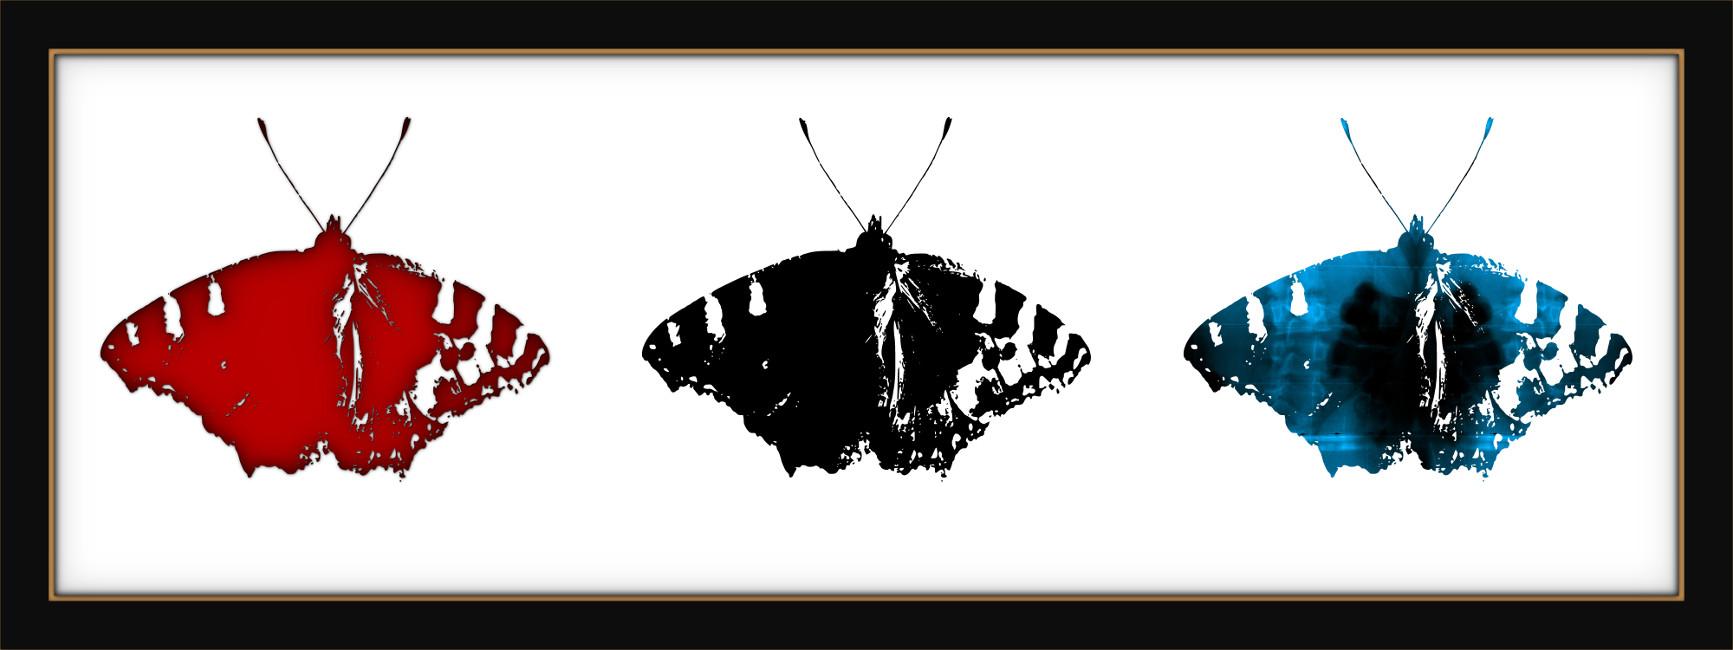 [Entomologie chromatique] Papillon #Métaphore (Triptyque) [2017] (Création et conception graphique de Didier Desmet) [Artiste Infirme Moteur Cérébral] [Infirmité Motrice Cérébrale] [IMC] [Paralysie Cérébrale] [Cerebral Palsy] [Handicap]